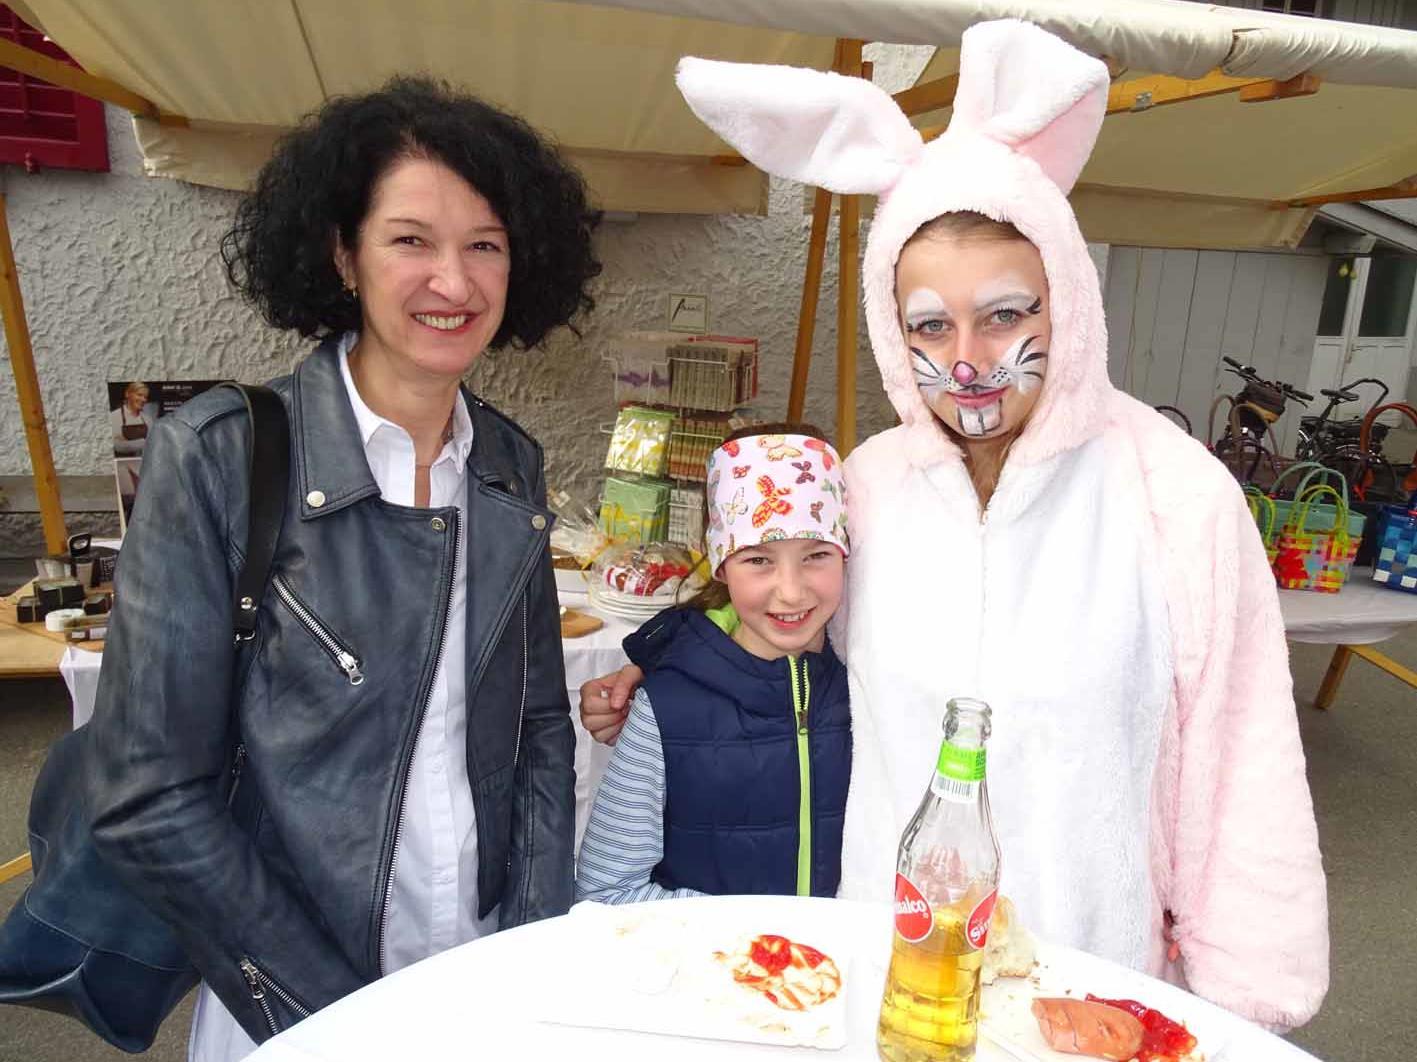 Auch der Osterhase besuchte das Märktle im Jüdischen Viertel und verteilte Ostereier.